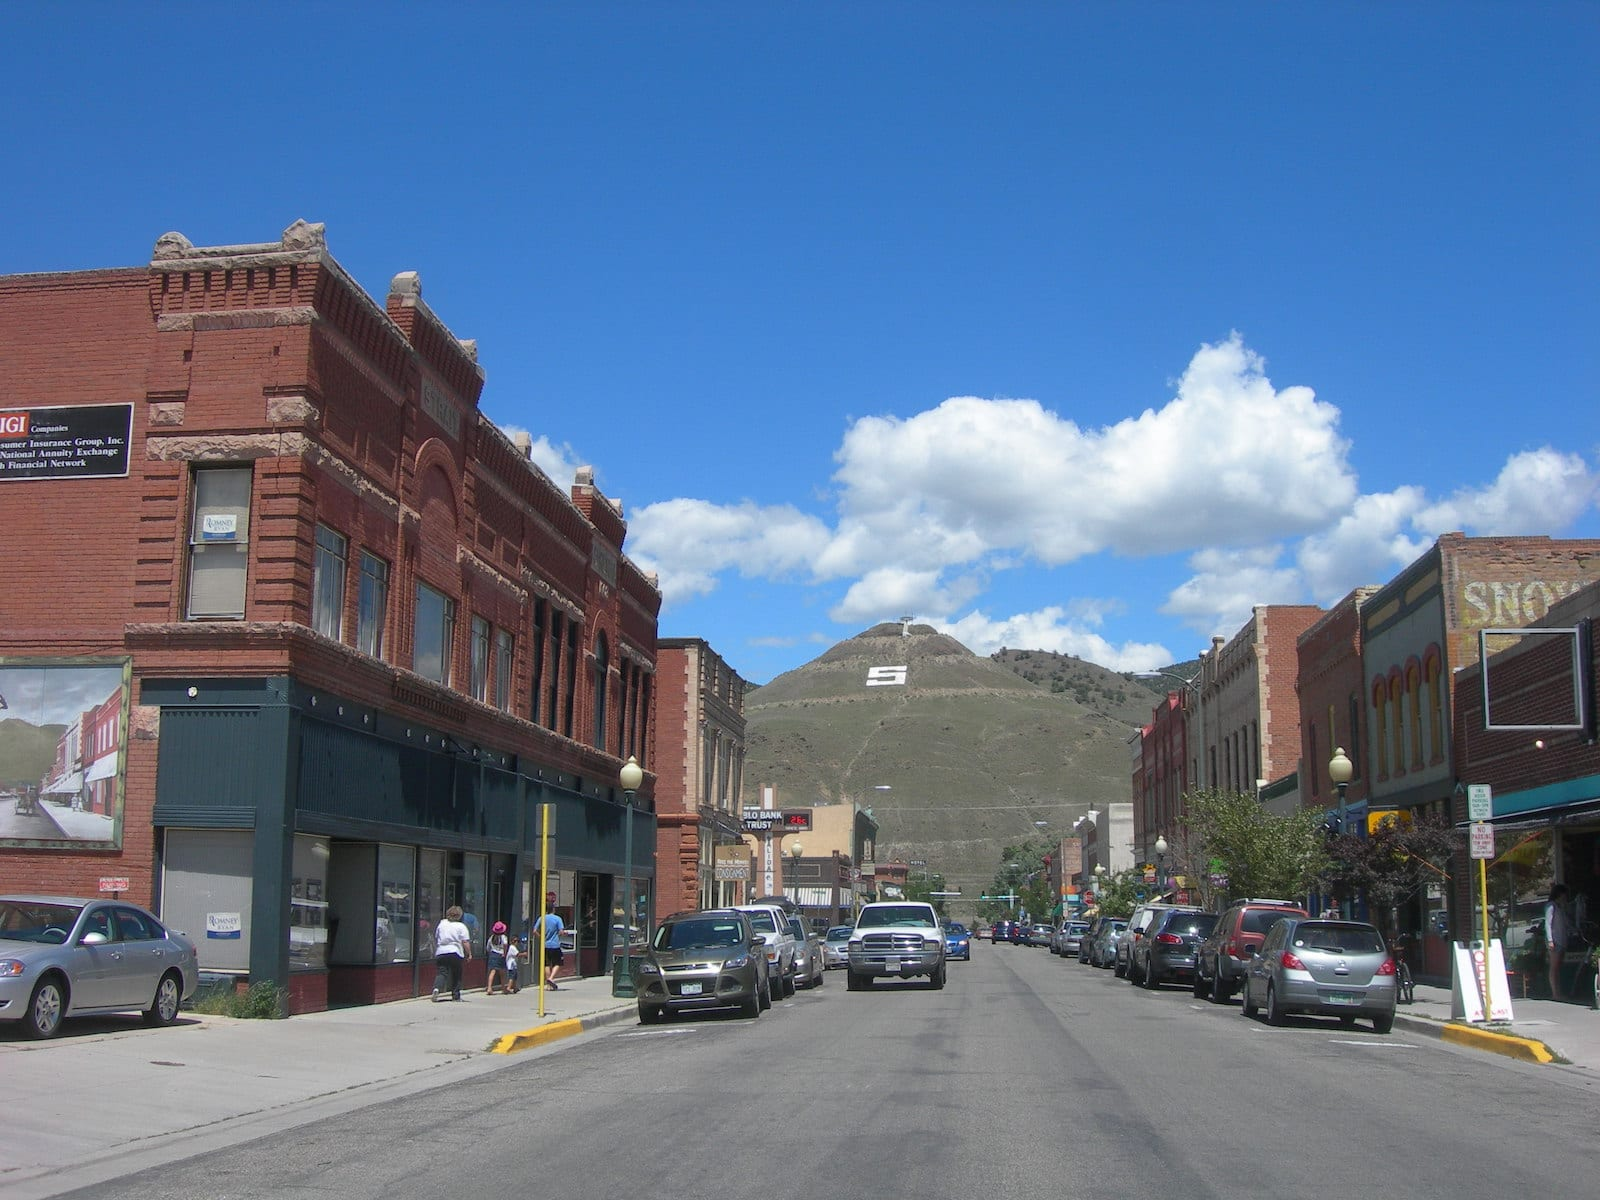 Downtown Salida, Colorado